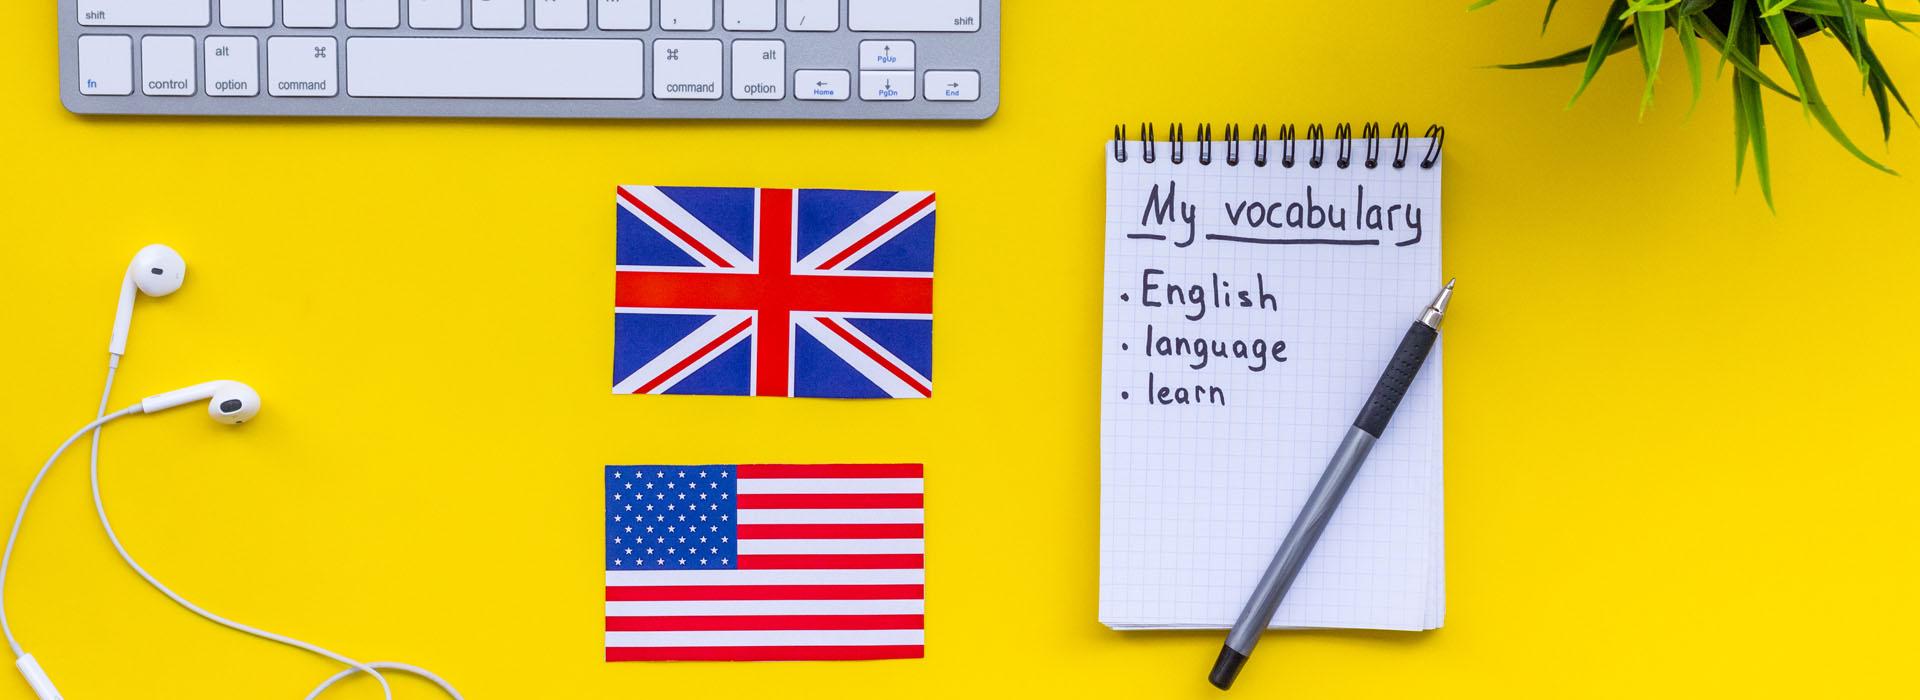 學習外語難免誤用字,台灣人常誤用的英文有哪些?